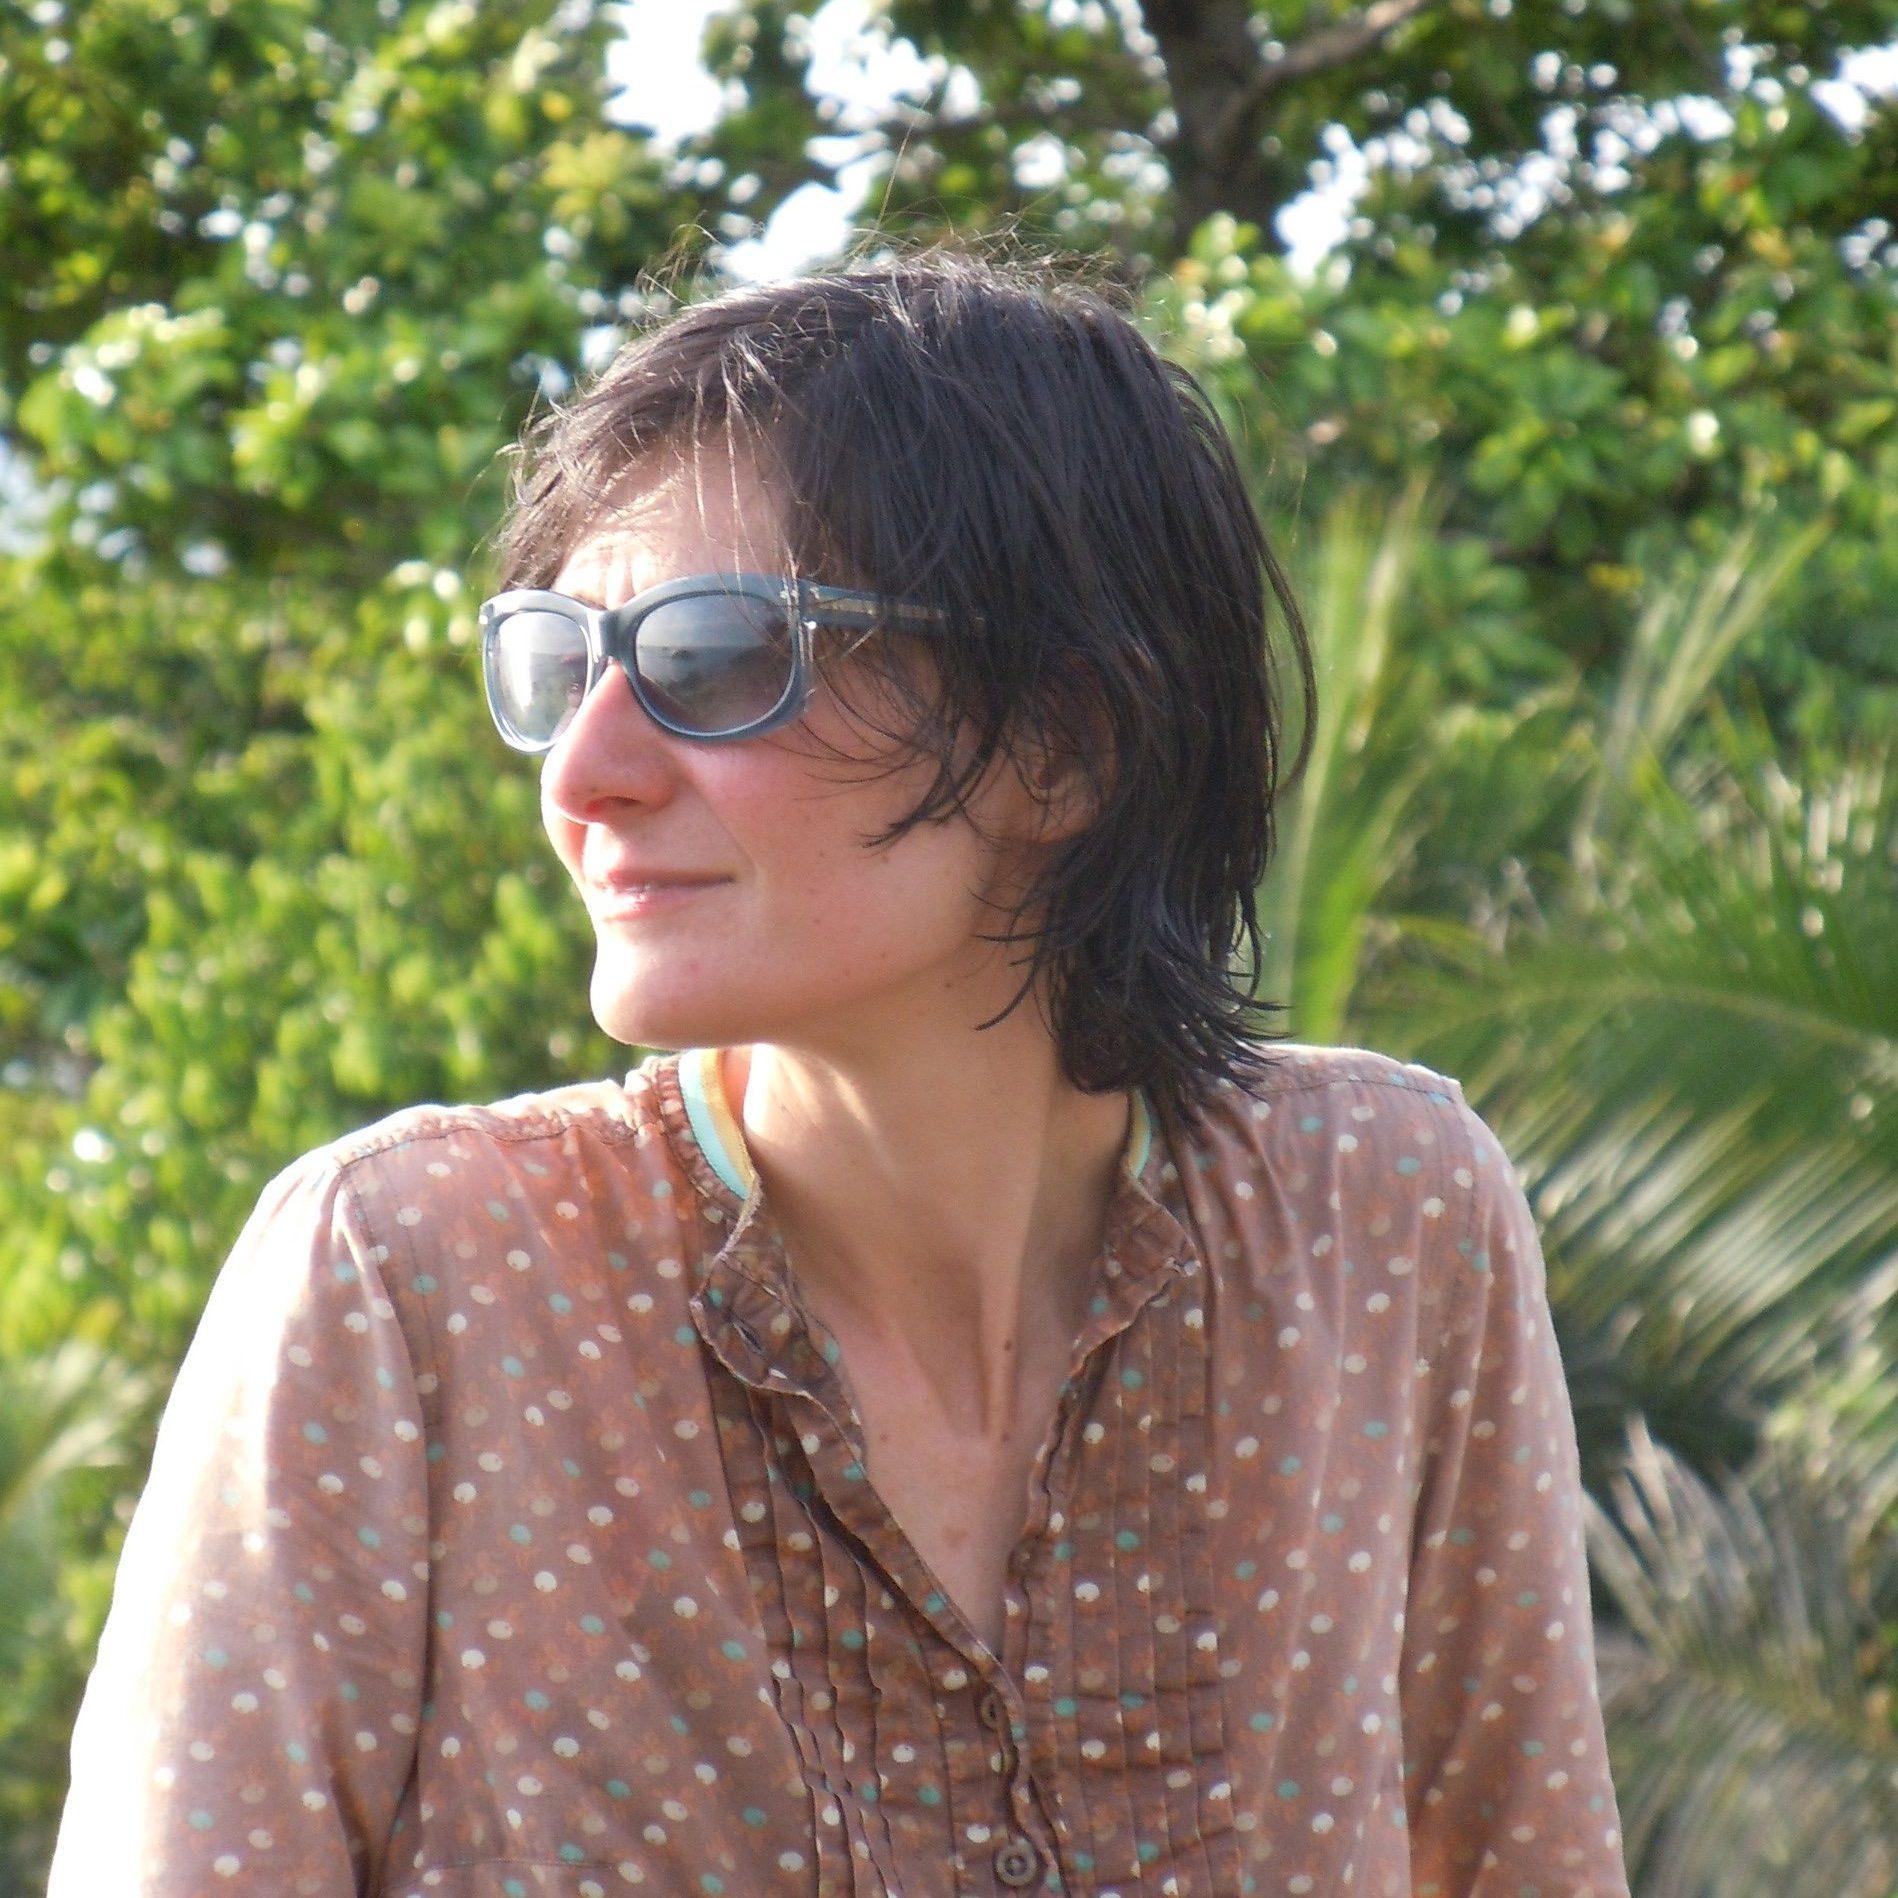 Estelle Mir-Emarati